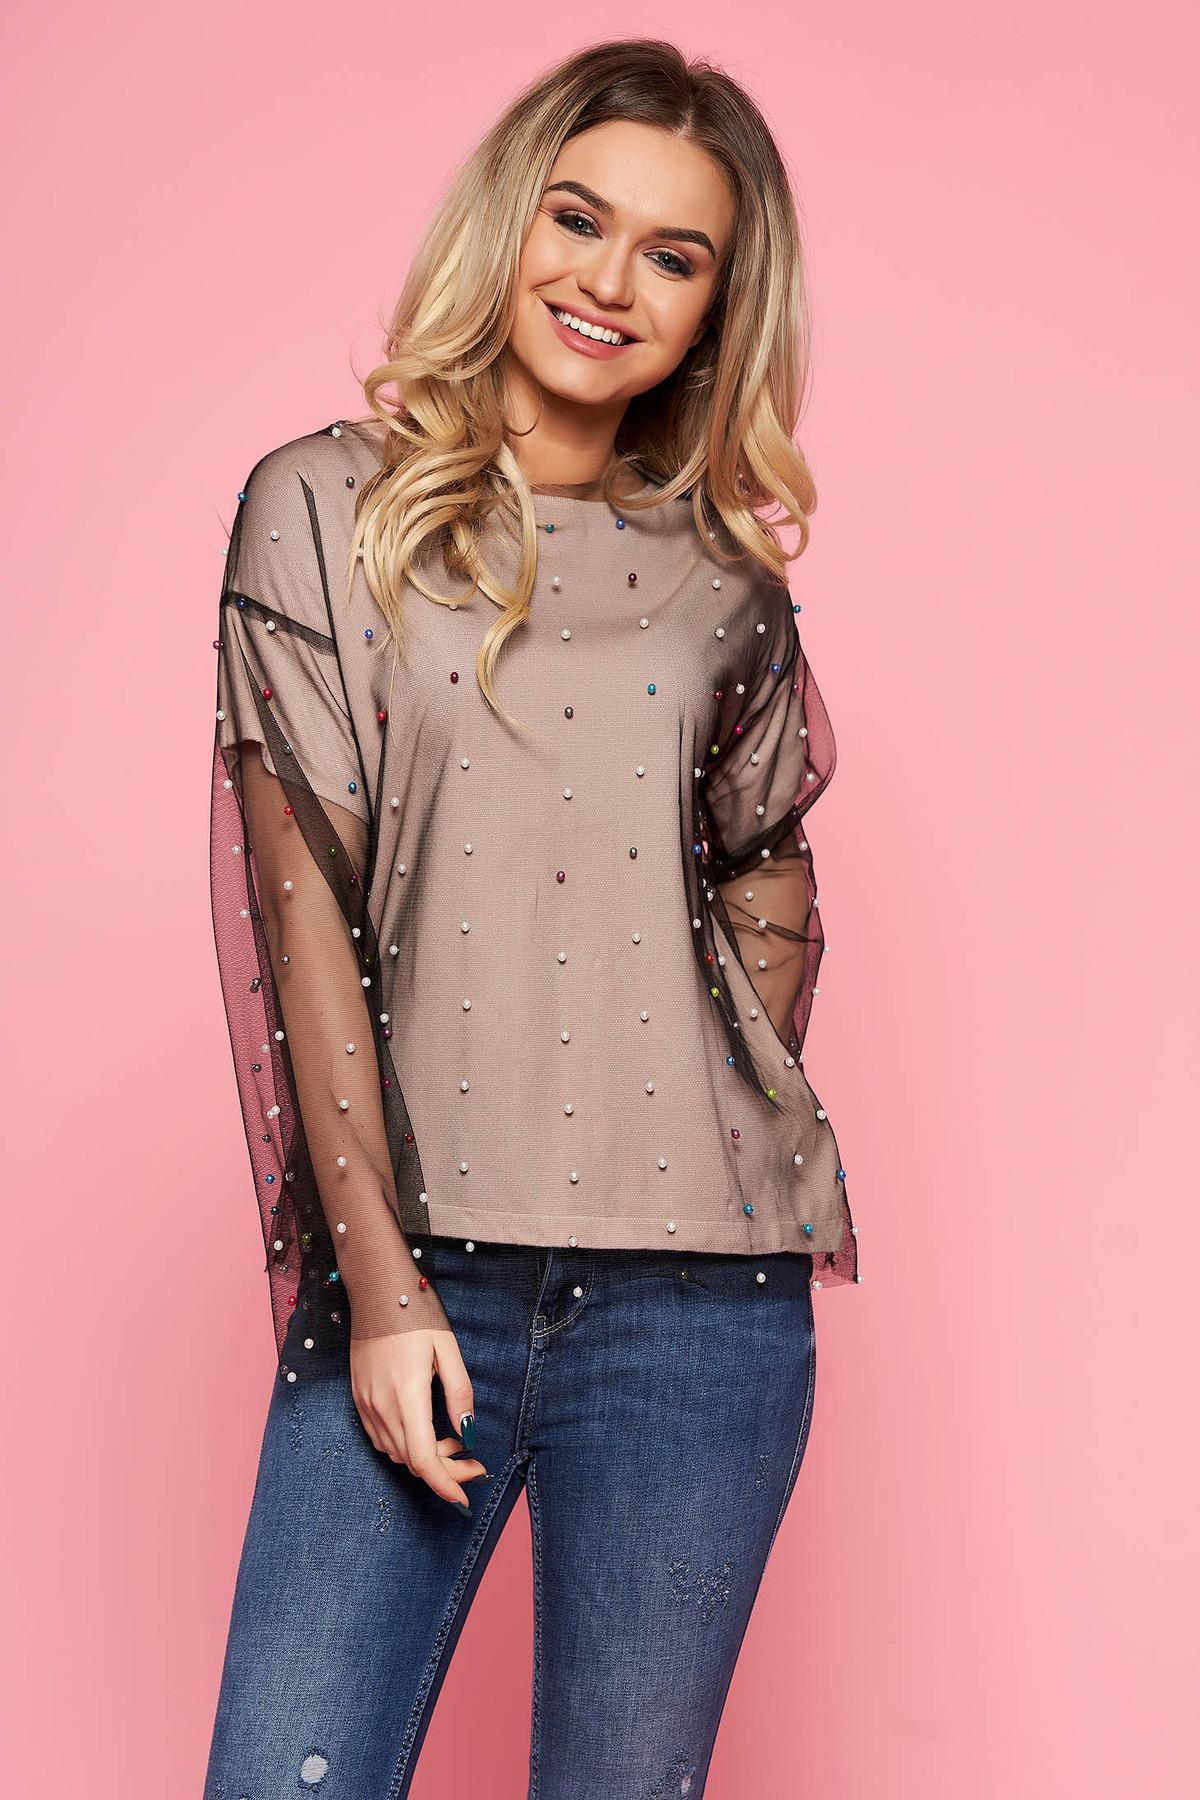 Bluza dama SunShine crem casual cu croi larg din tul captusita pe interior cu aplicatii cu margele